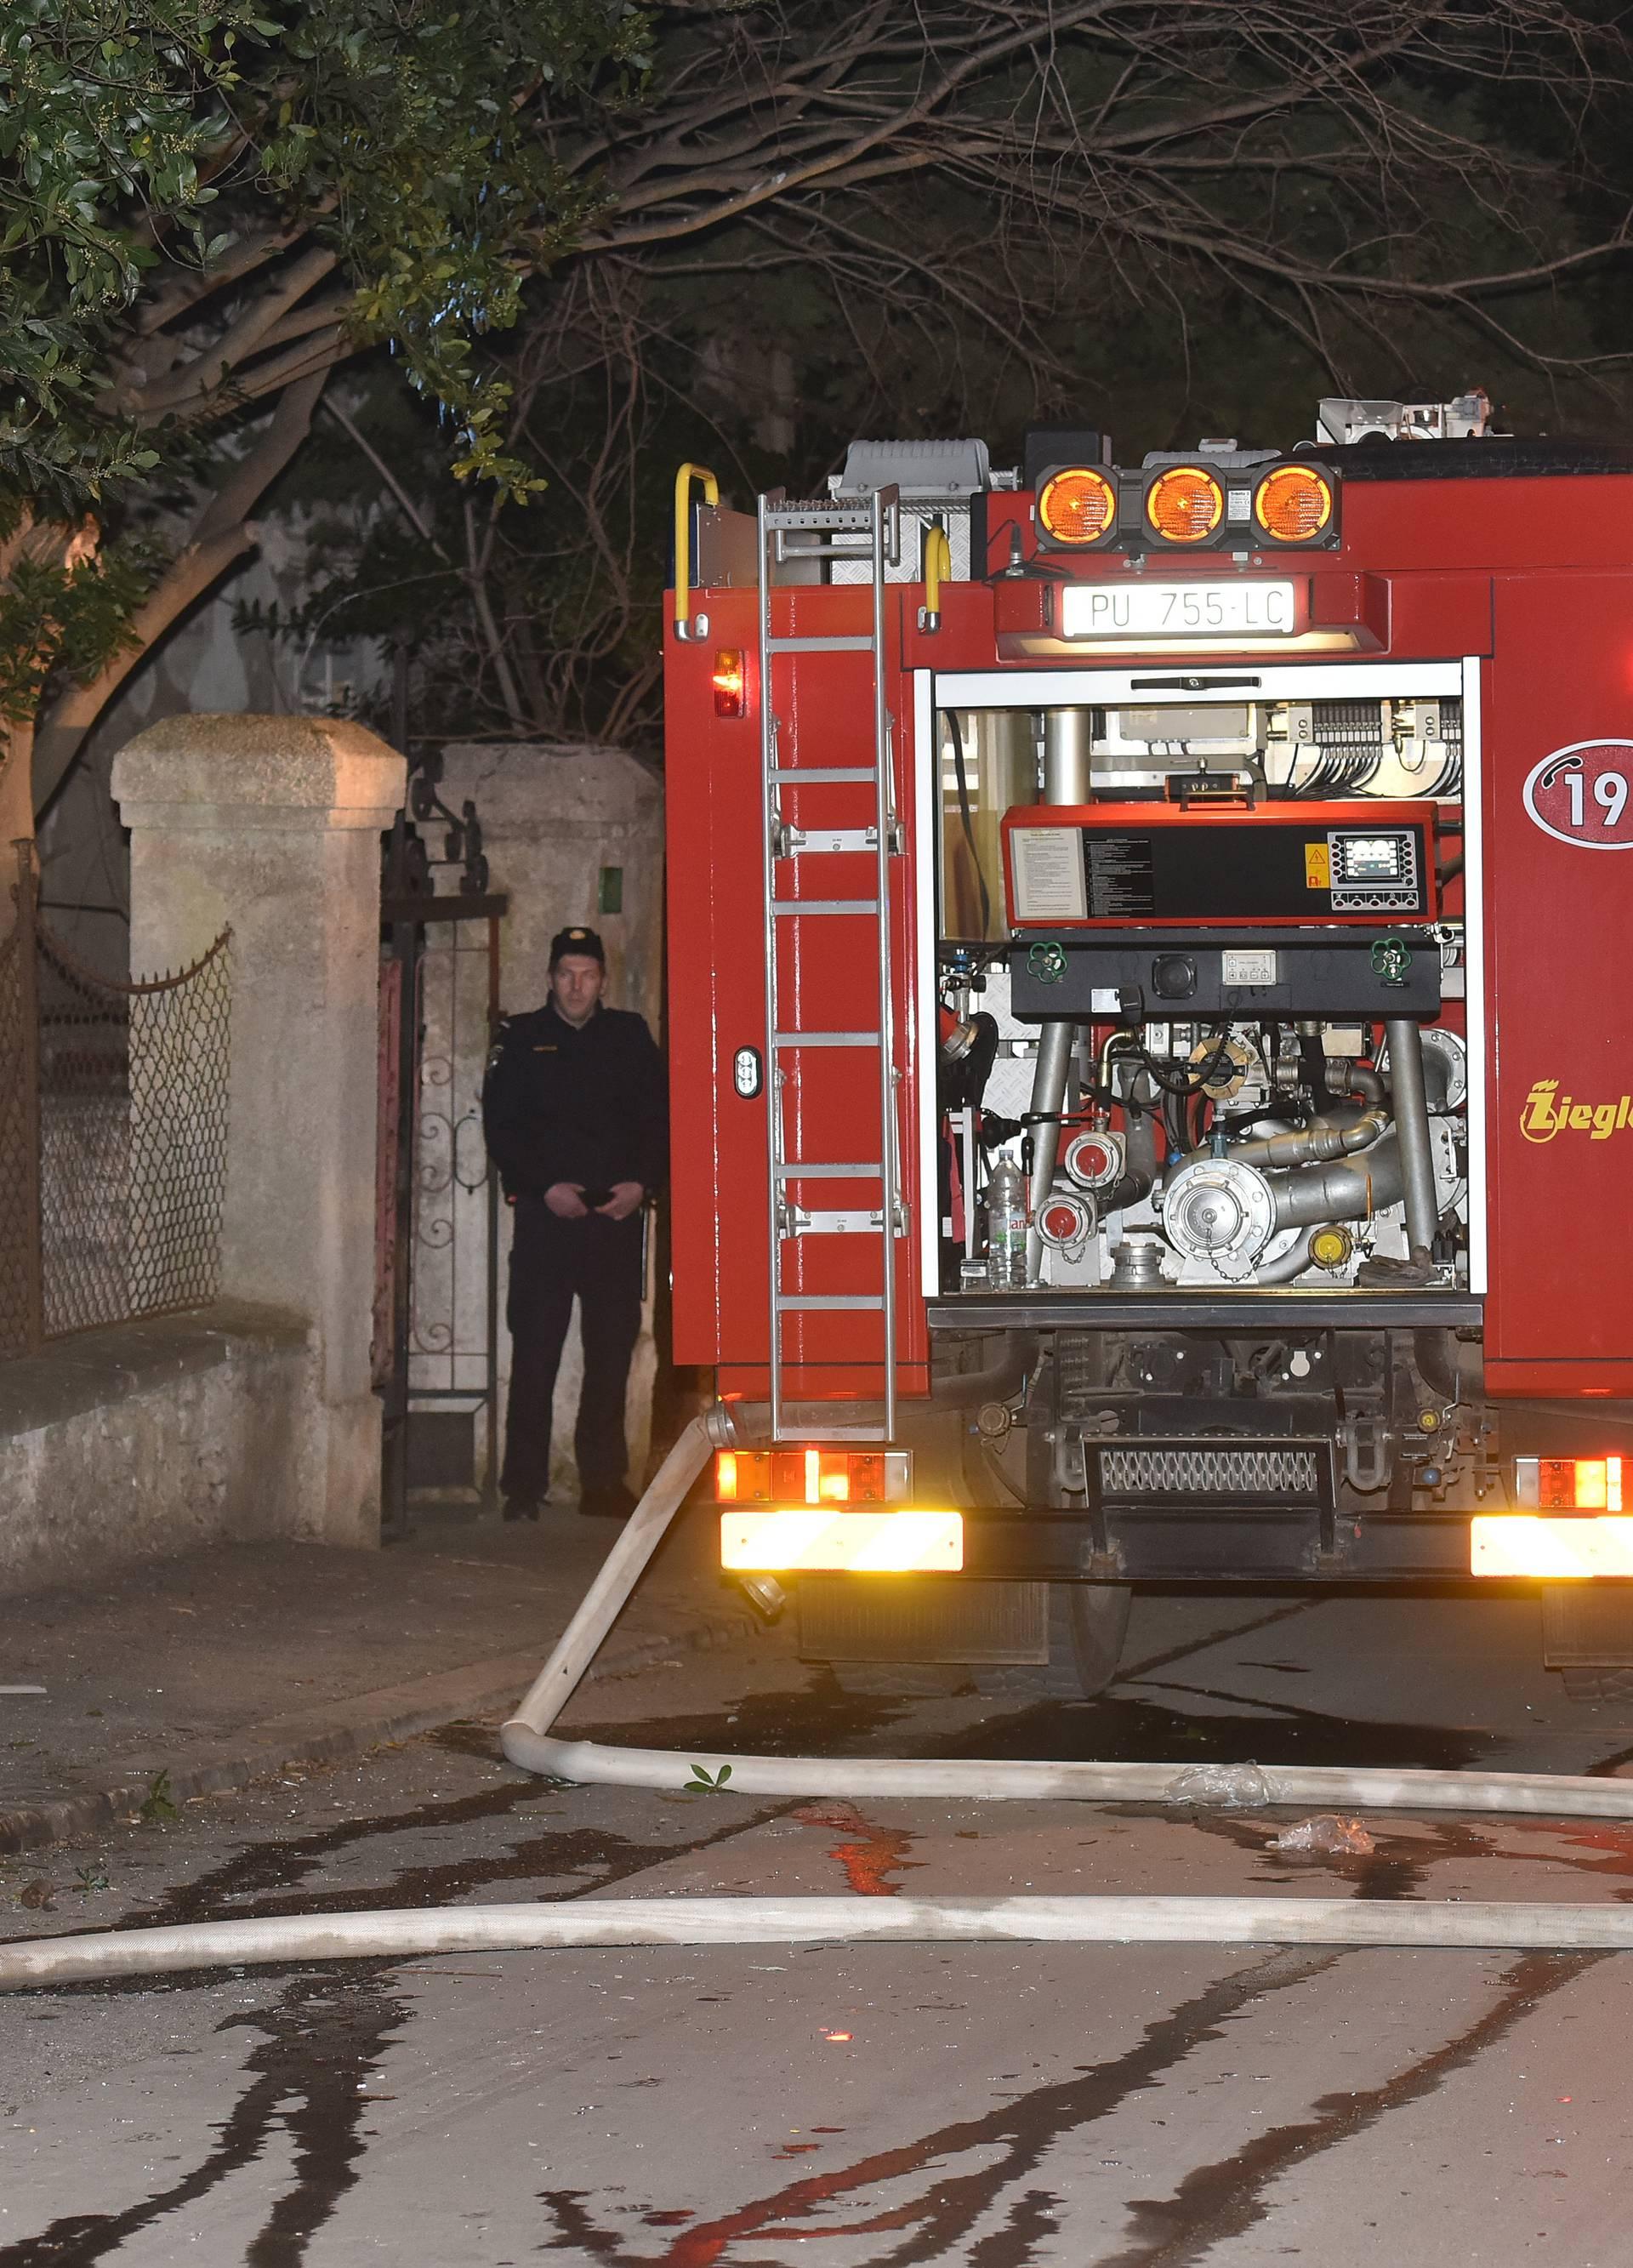 Ugušio se u požaru kuće koji je buknuo zbog opuška cigarete